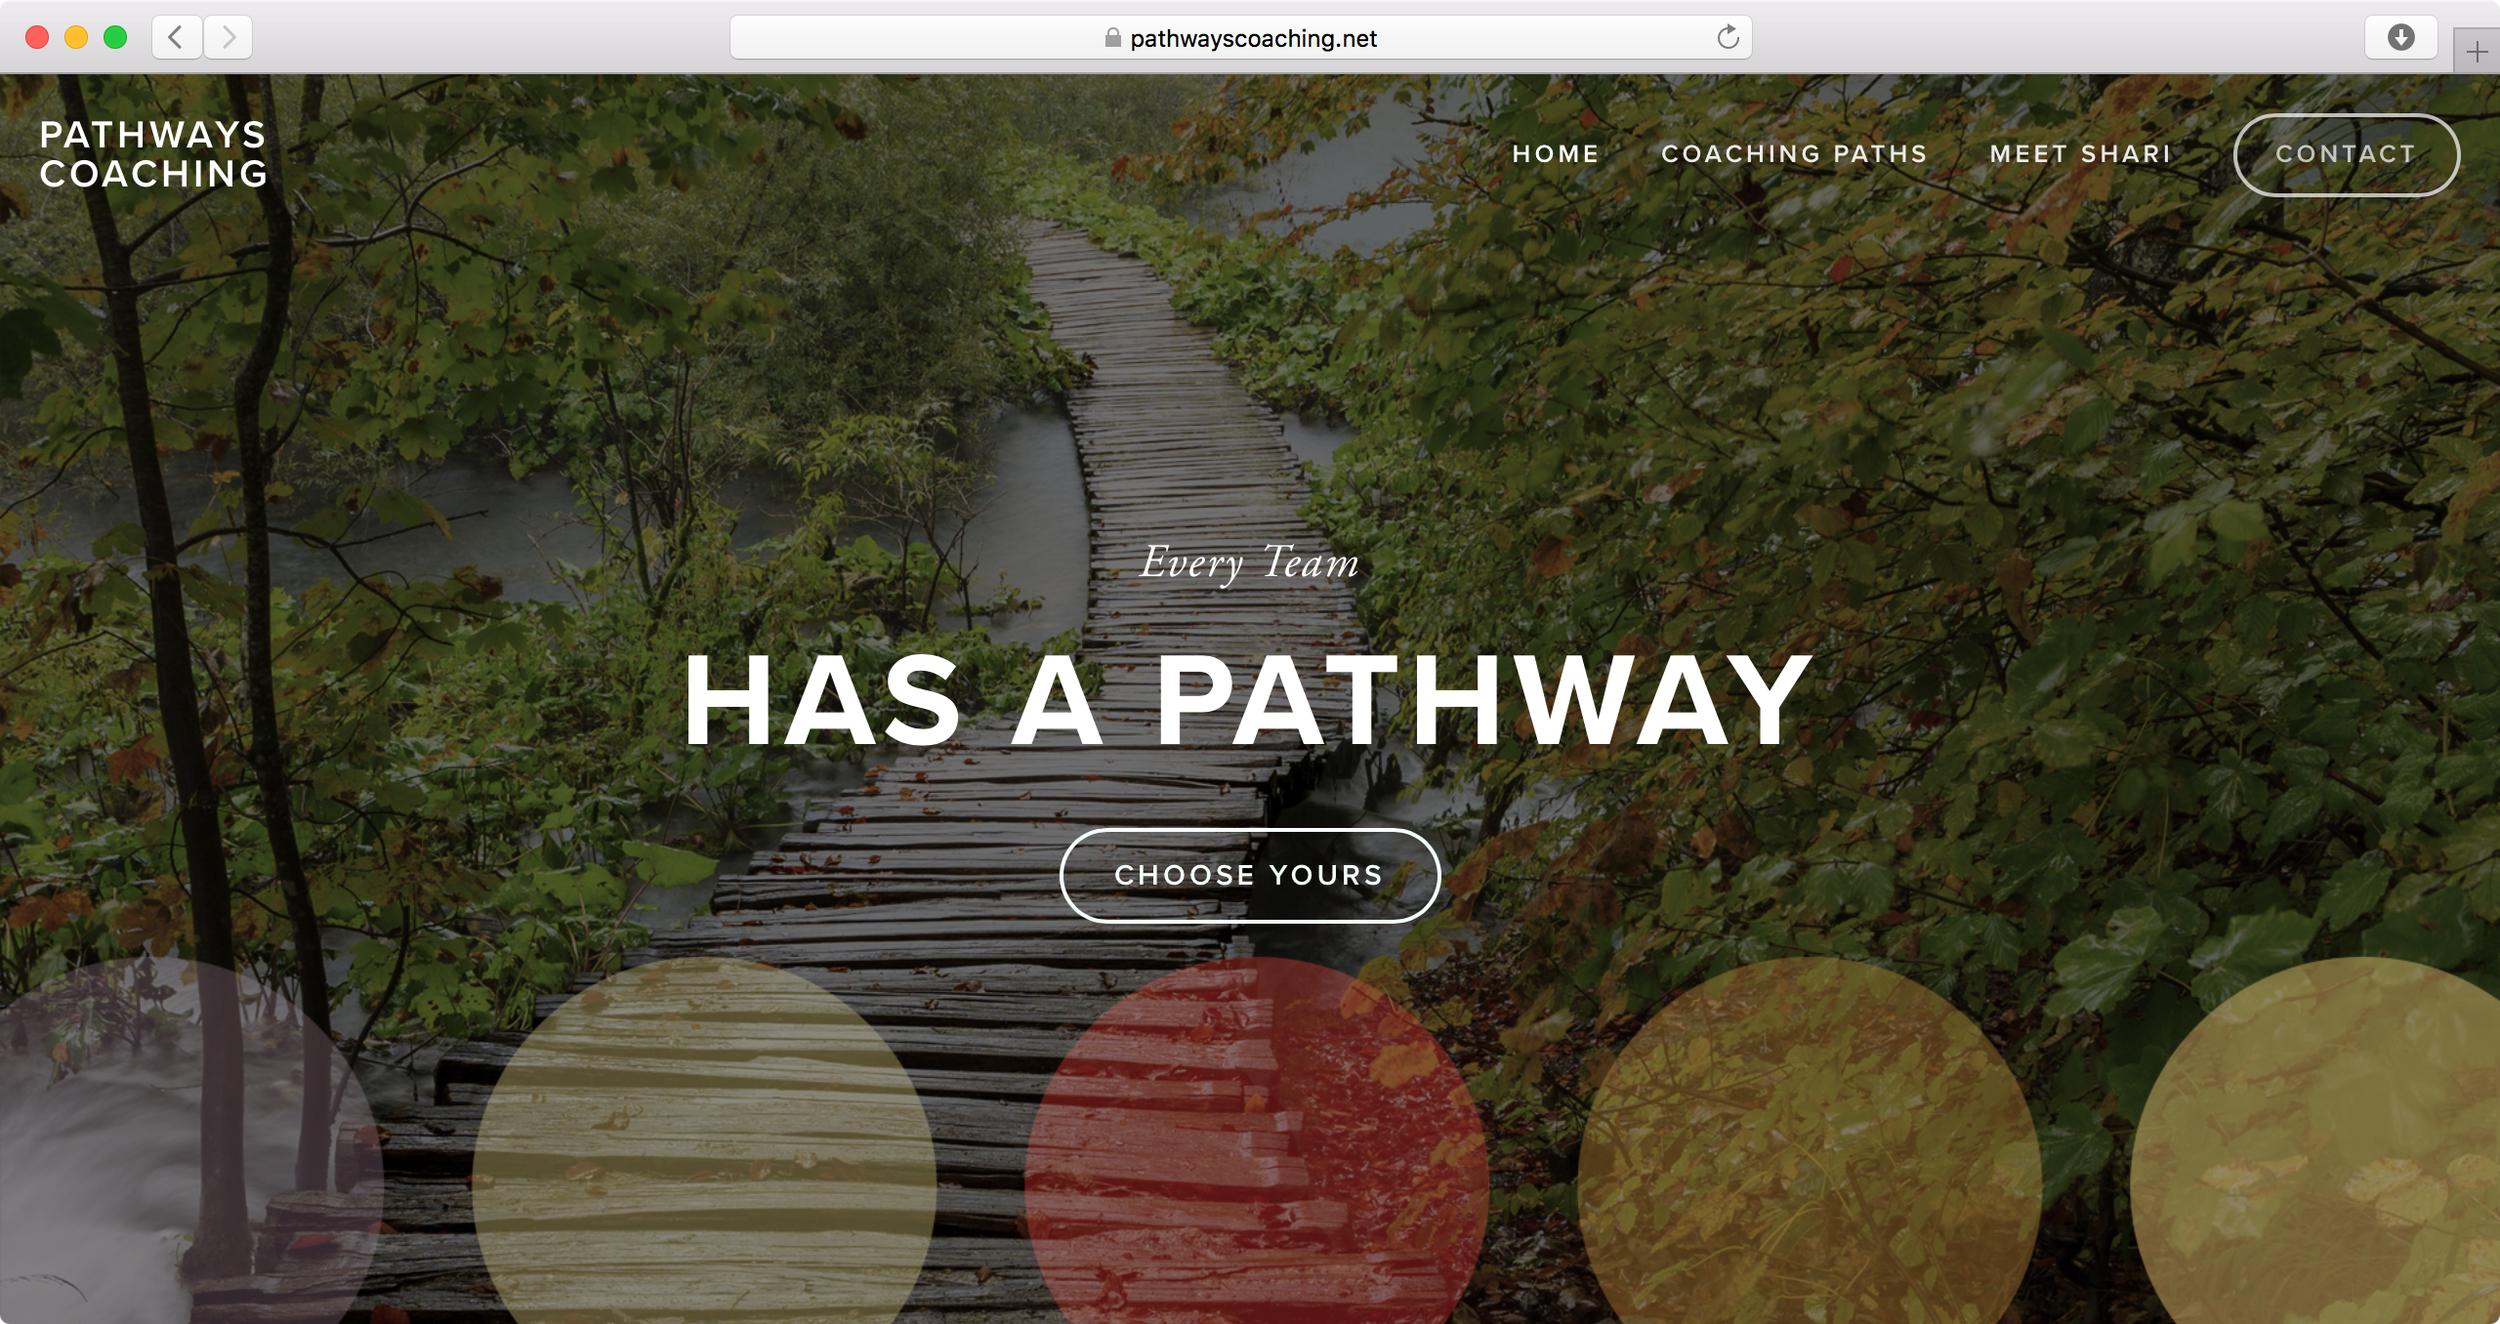 Pathways_Coaching.png